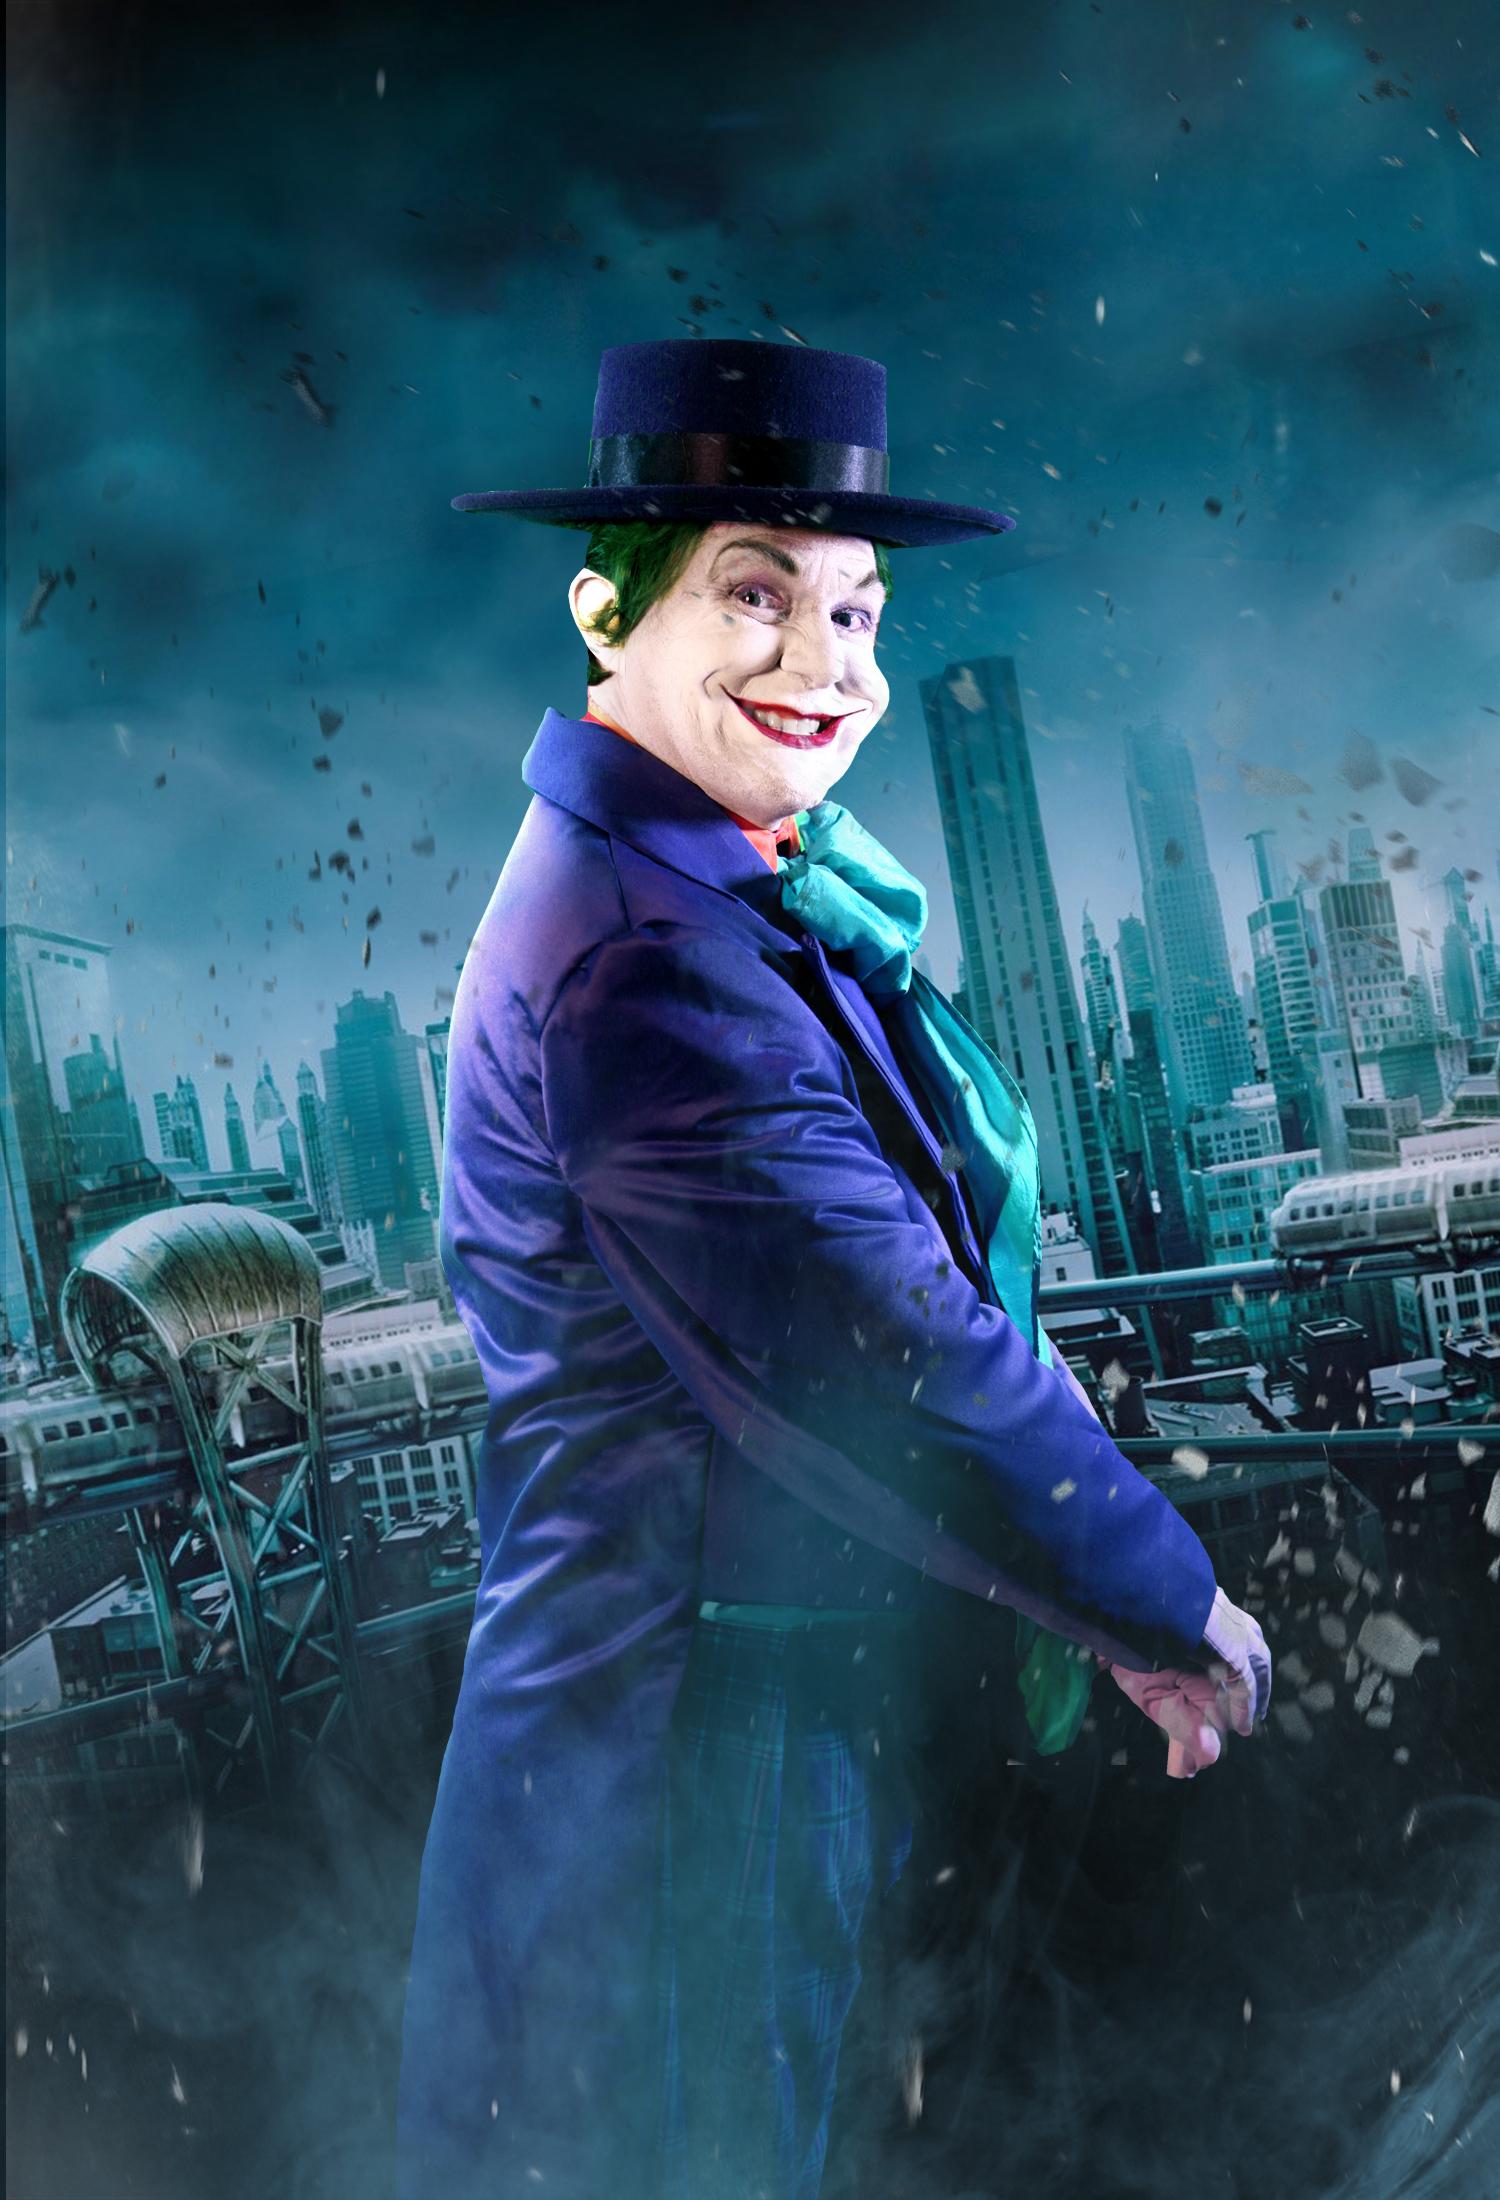 joker full1